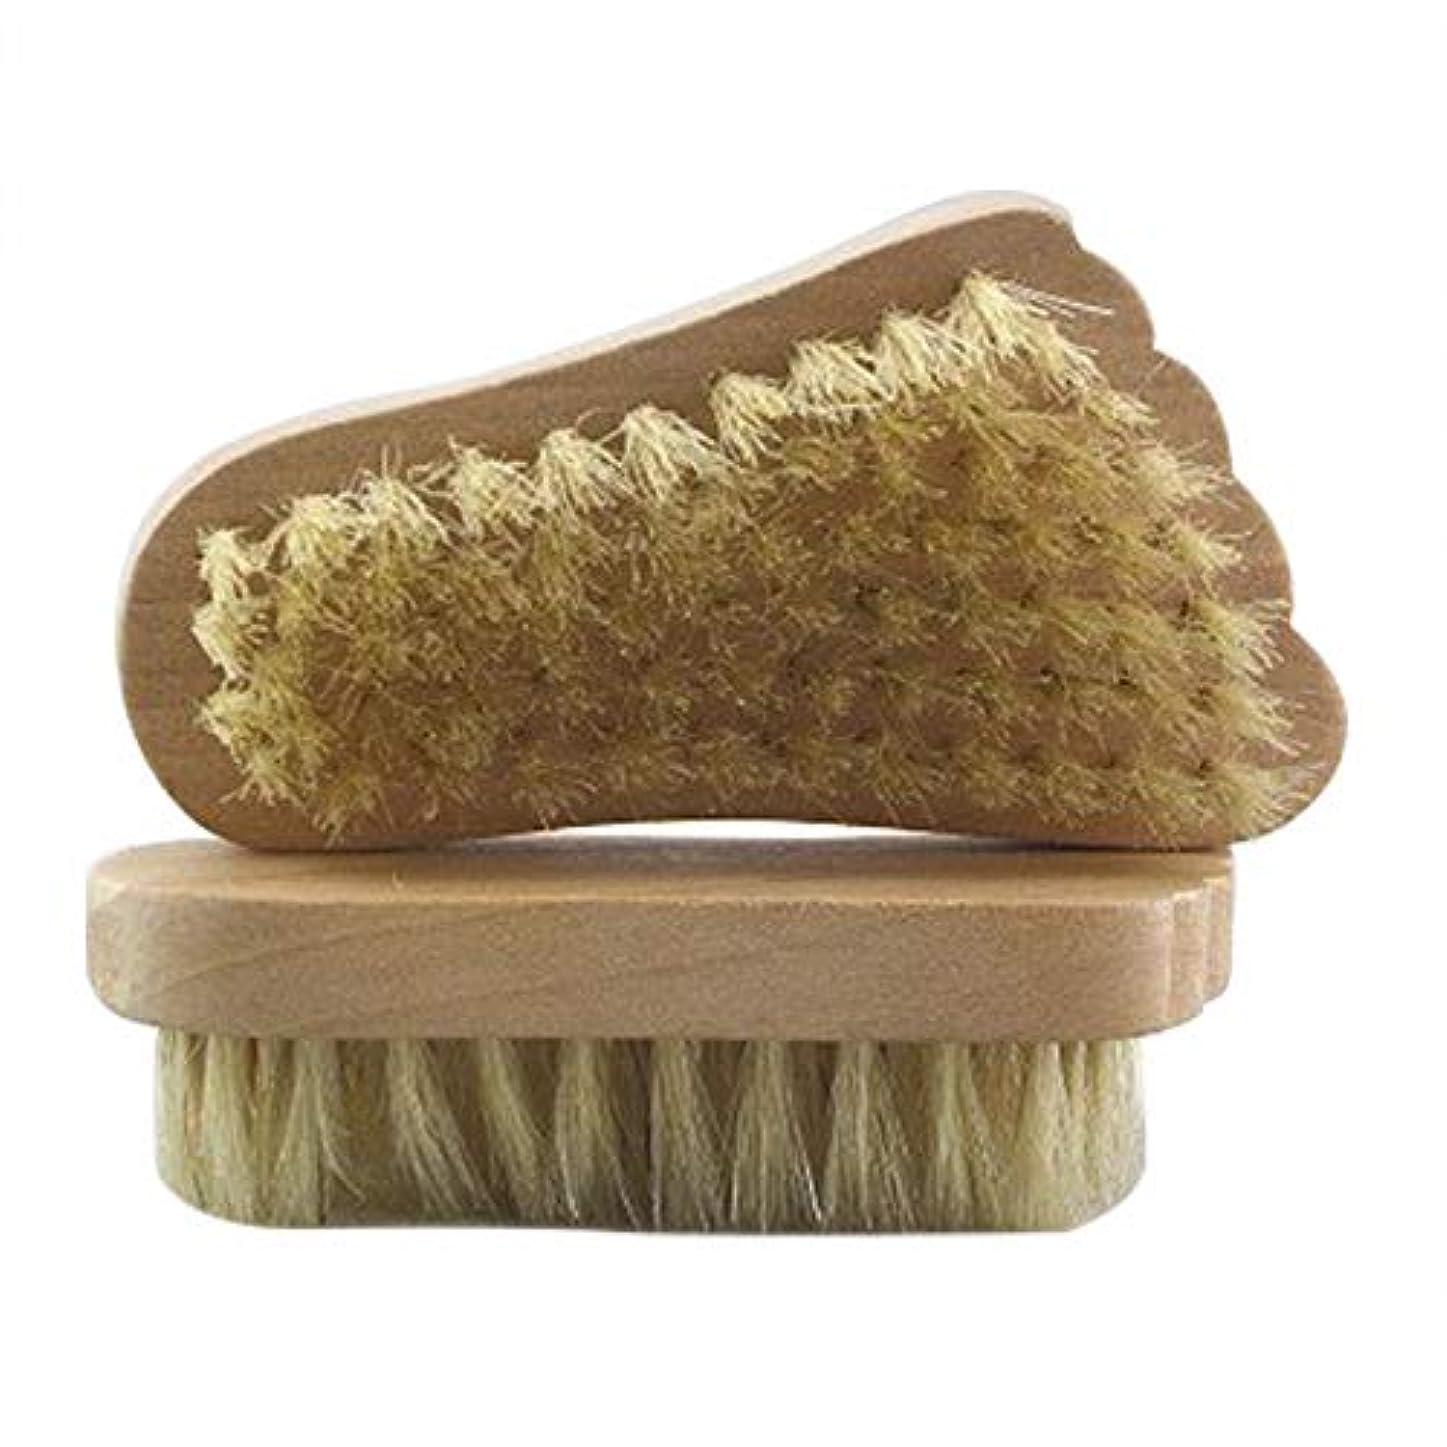 気候敬の念ピストンMaltose フットブラシ 豚毛 足の裏ブラシ 足爪ブラシ セルライト除去 角質除去 足 2個